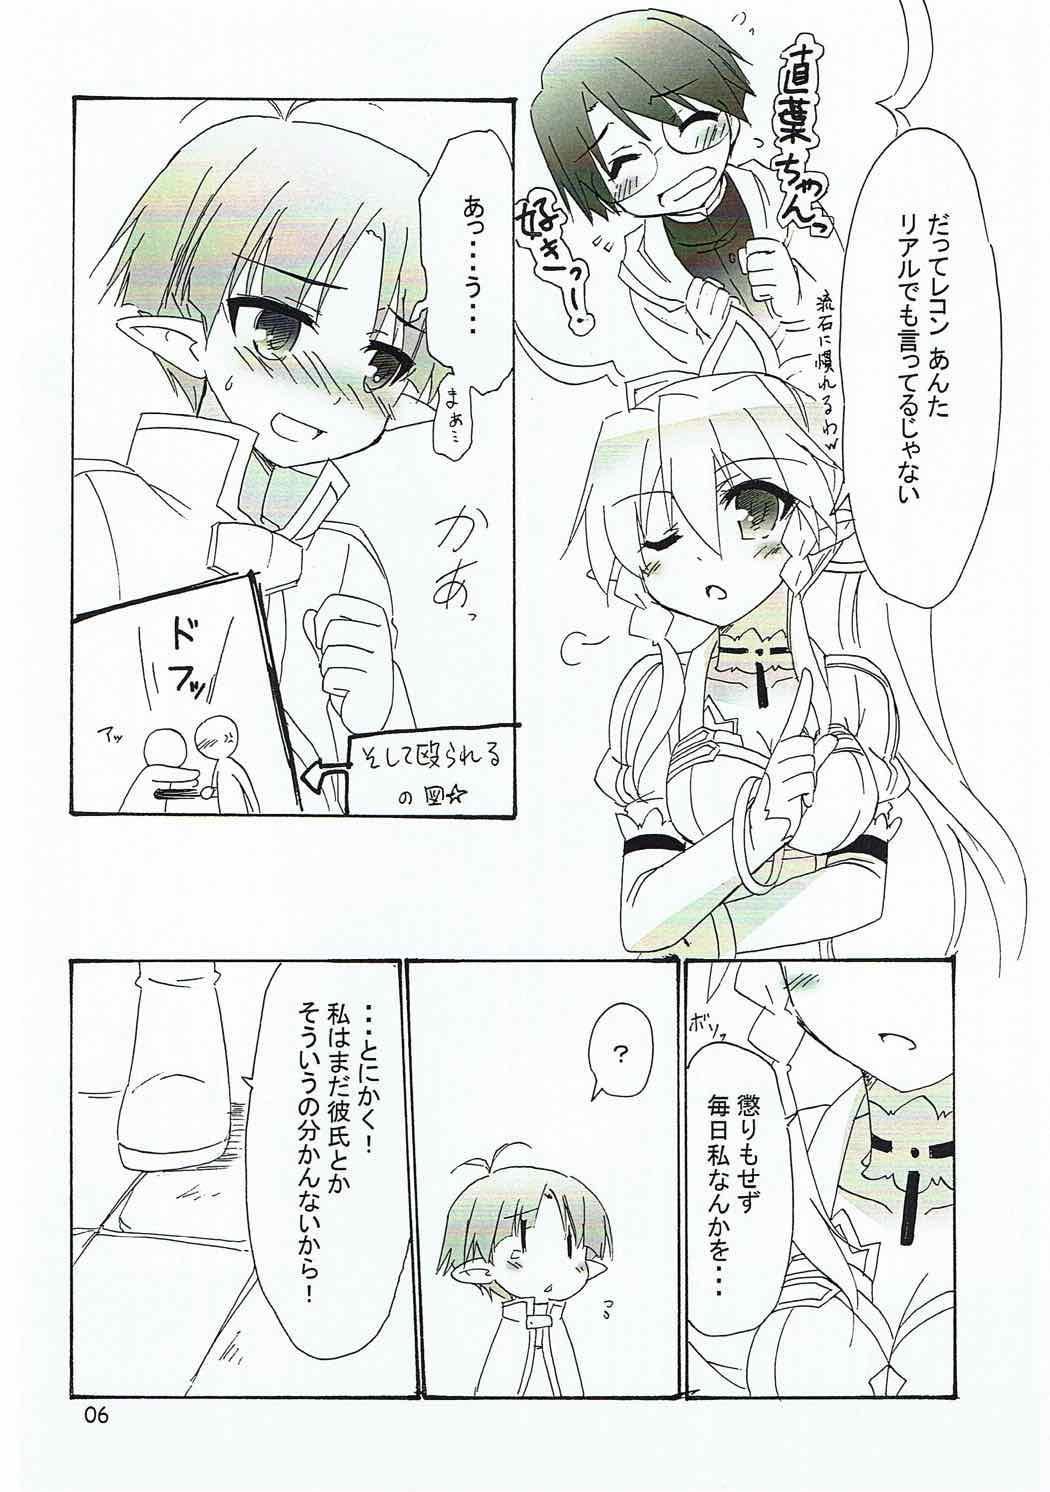 Ganbare Imouto-chan! 4